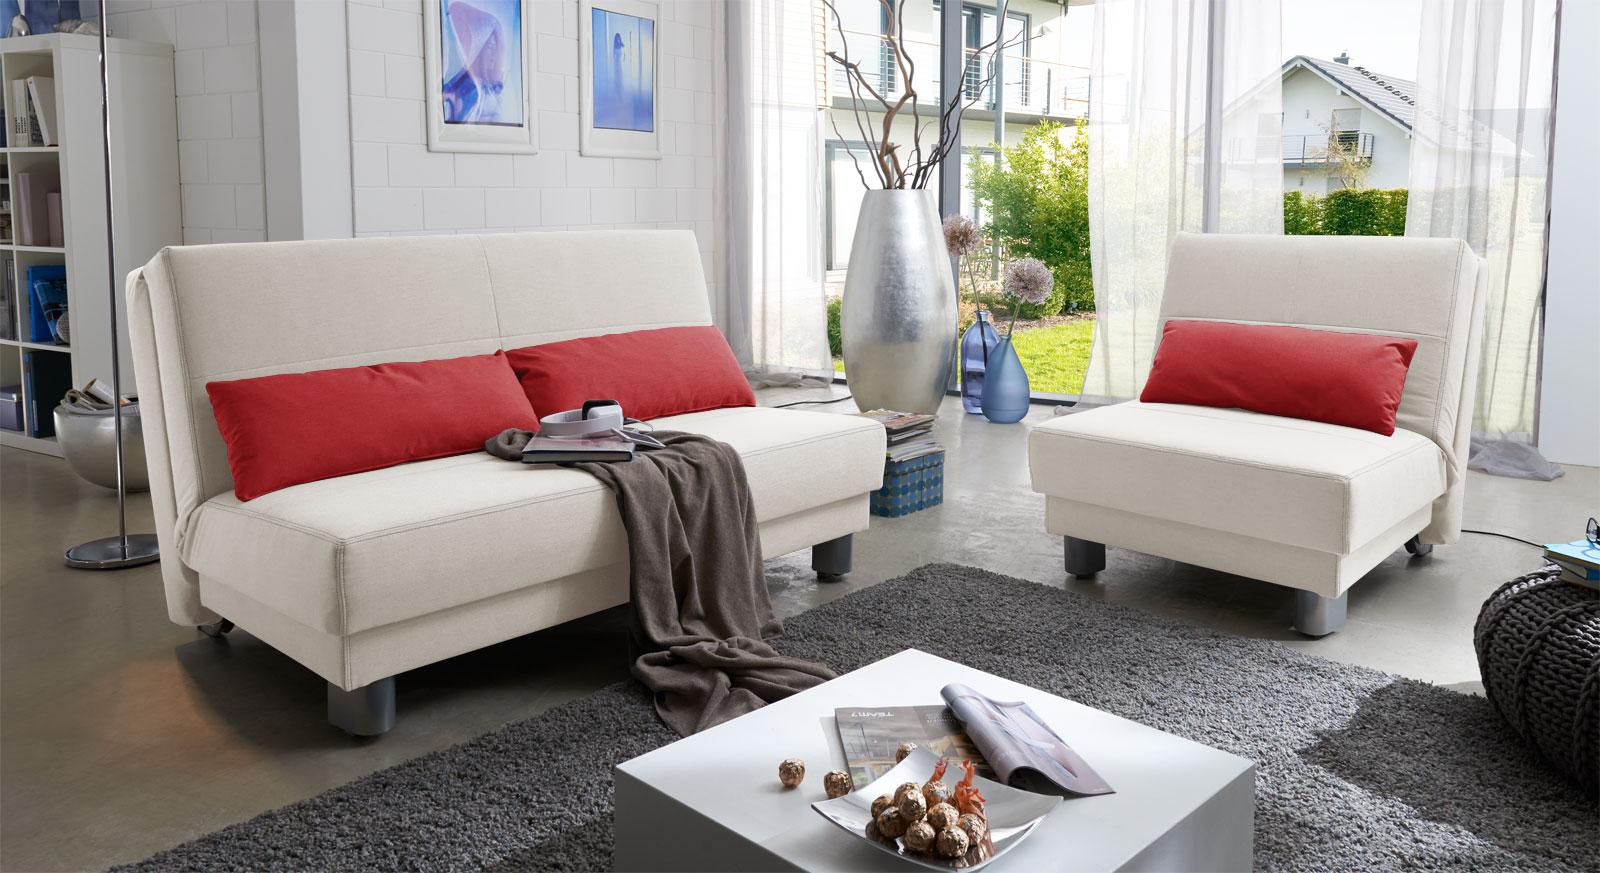 l ngsschl fer schlafsofas f r sie im test und vergleich 2017. Black Bedroom Furniture Sets. Home Design Ideas